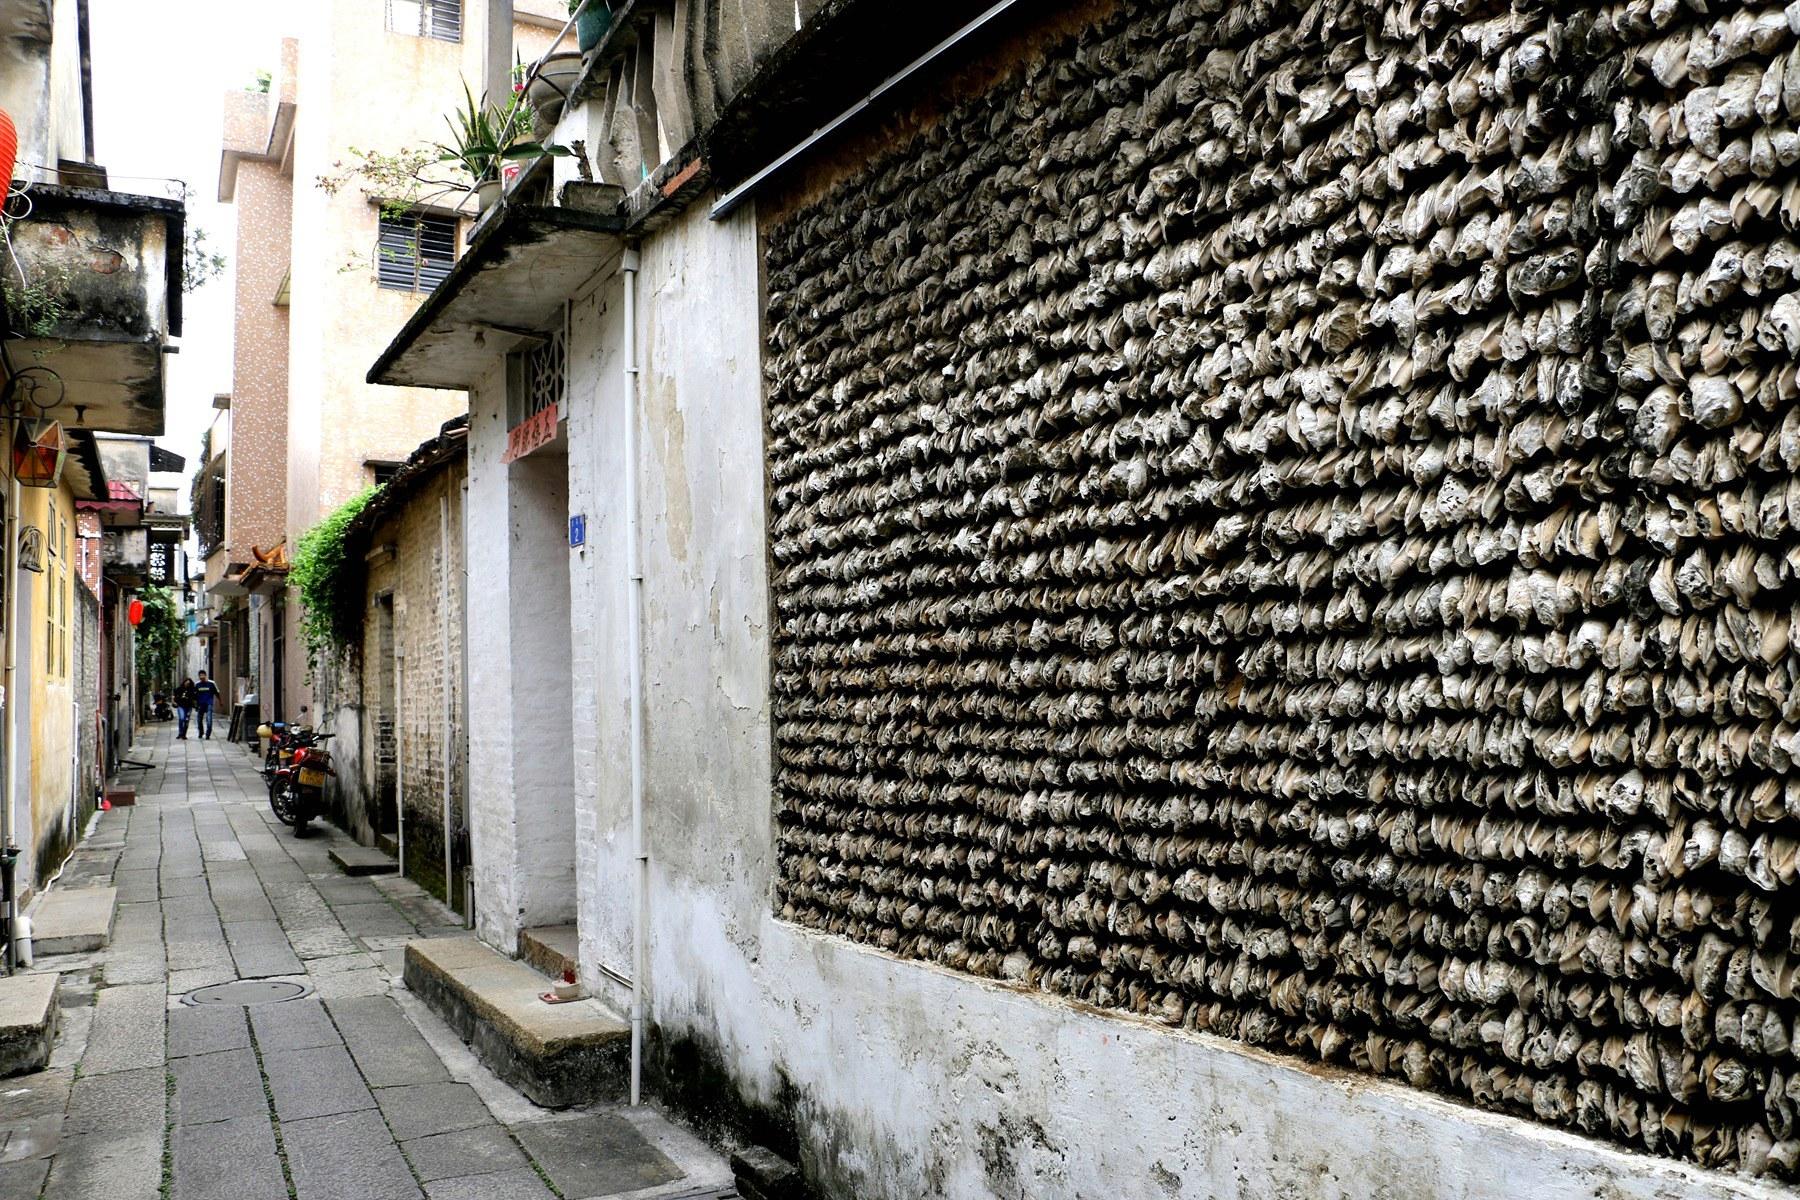 陕州地坑院,4000年前的古民居,地平线下的古村落